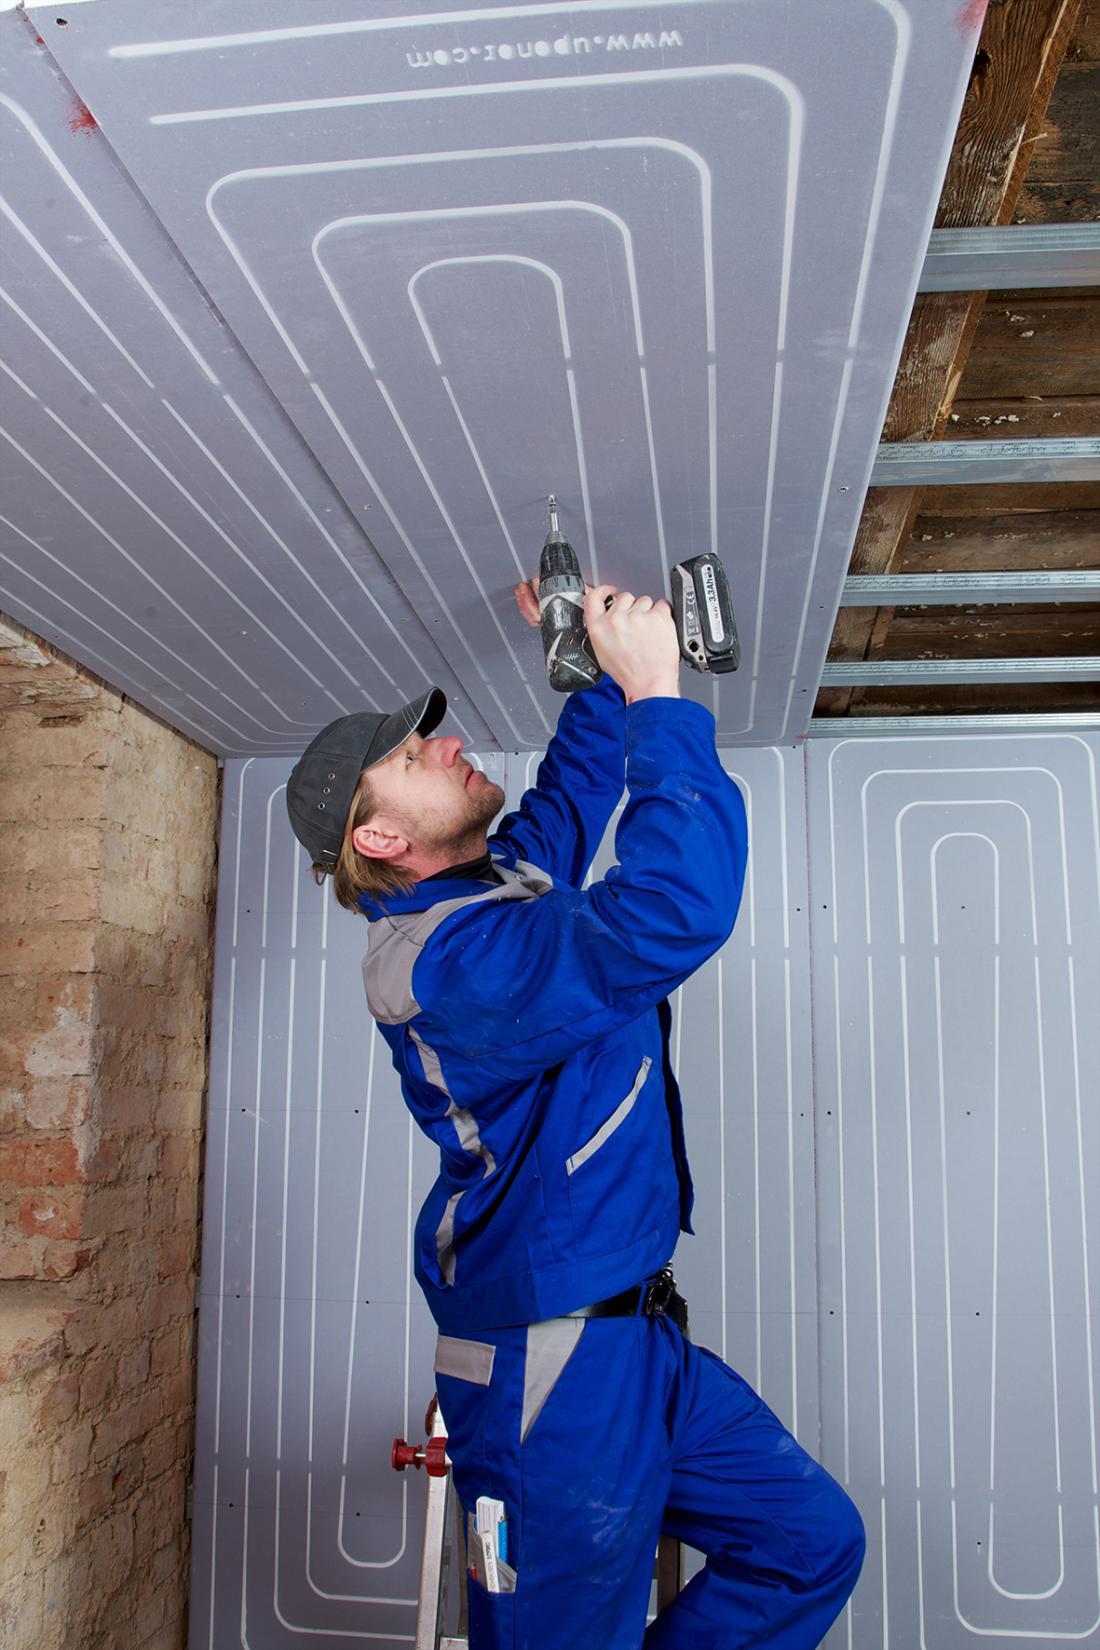 Za adaptacije so primerne mavčne plošče debeline 15 mm, v katerih so že tovarniško vgrajene cevi. Uporabljajo se za stensko in stropno cevno ogrevanje.